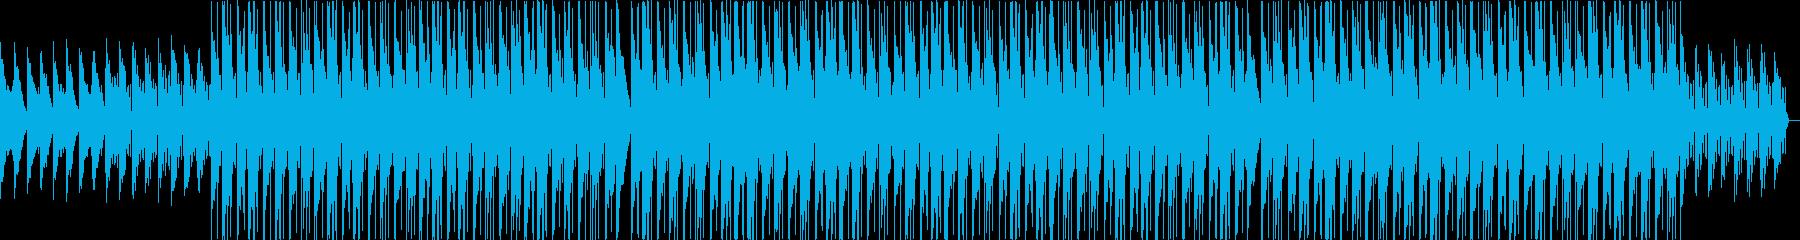 ムーディー・チルアウト・落ち込んだ・夜の再生済みの波形